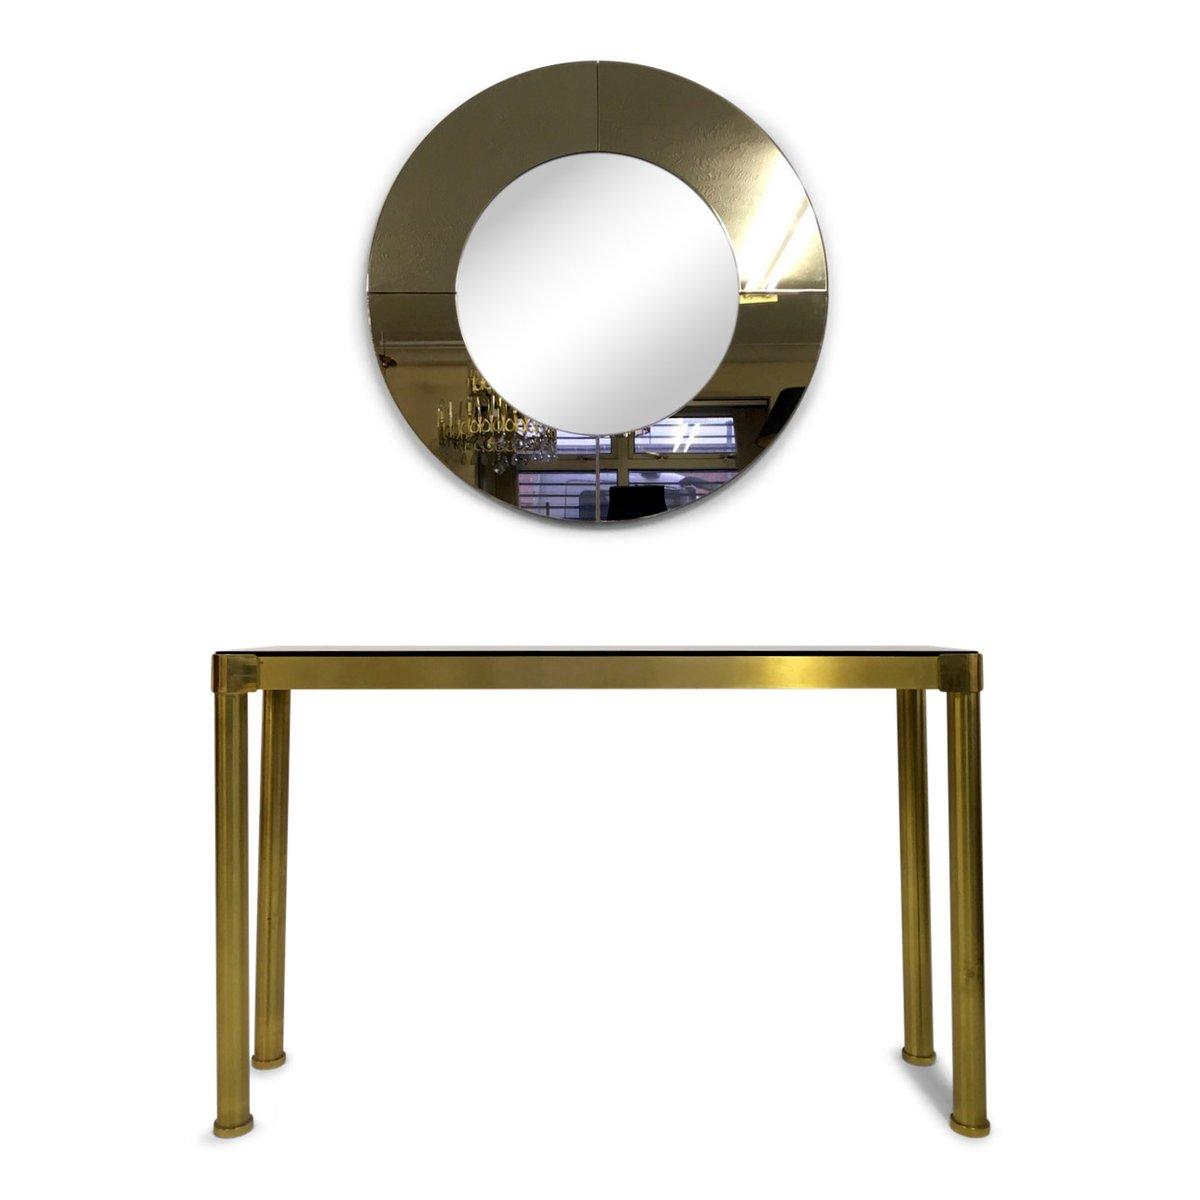 Konsolentisch mit spiegel konsolentisch mit spiegel conforma aus teak italienischer messing - Konsolentisch mit spiegel ...